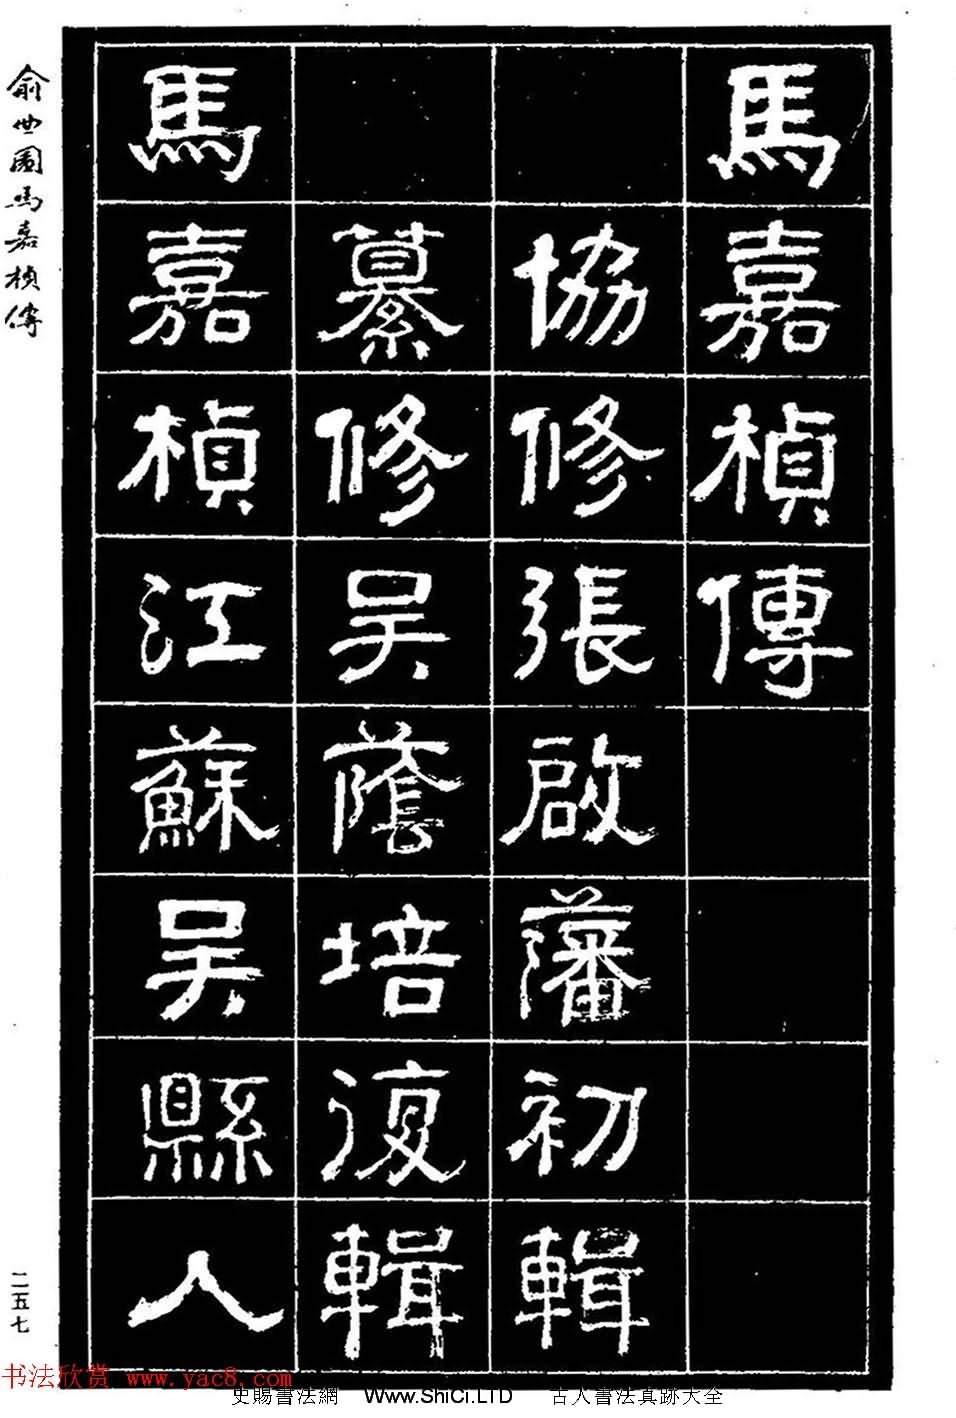 清代俞樾隸書《俞曲園馬嘉楨傳》(共26張圖片)